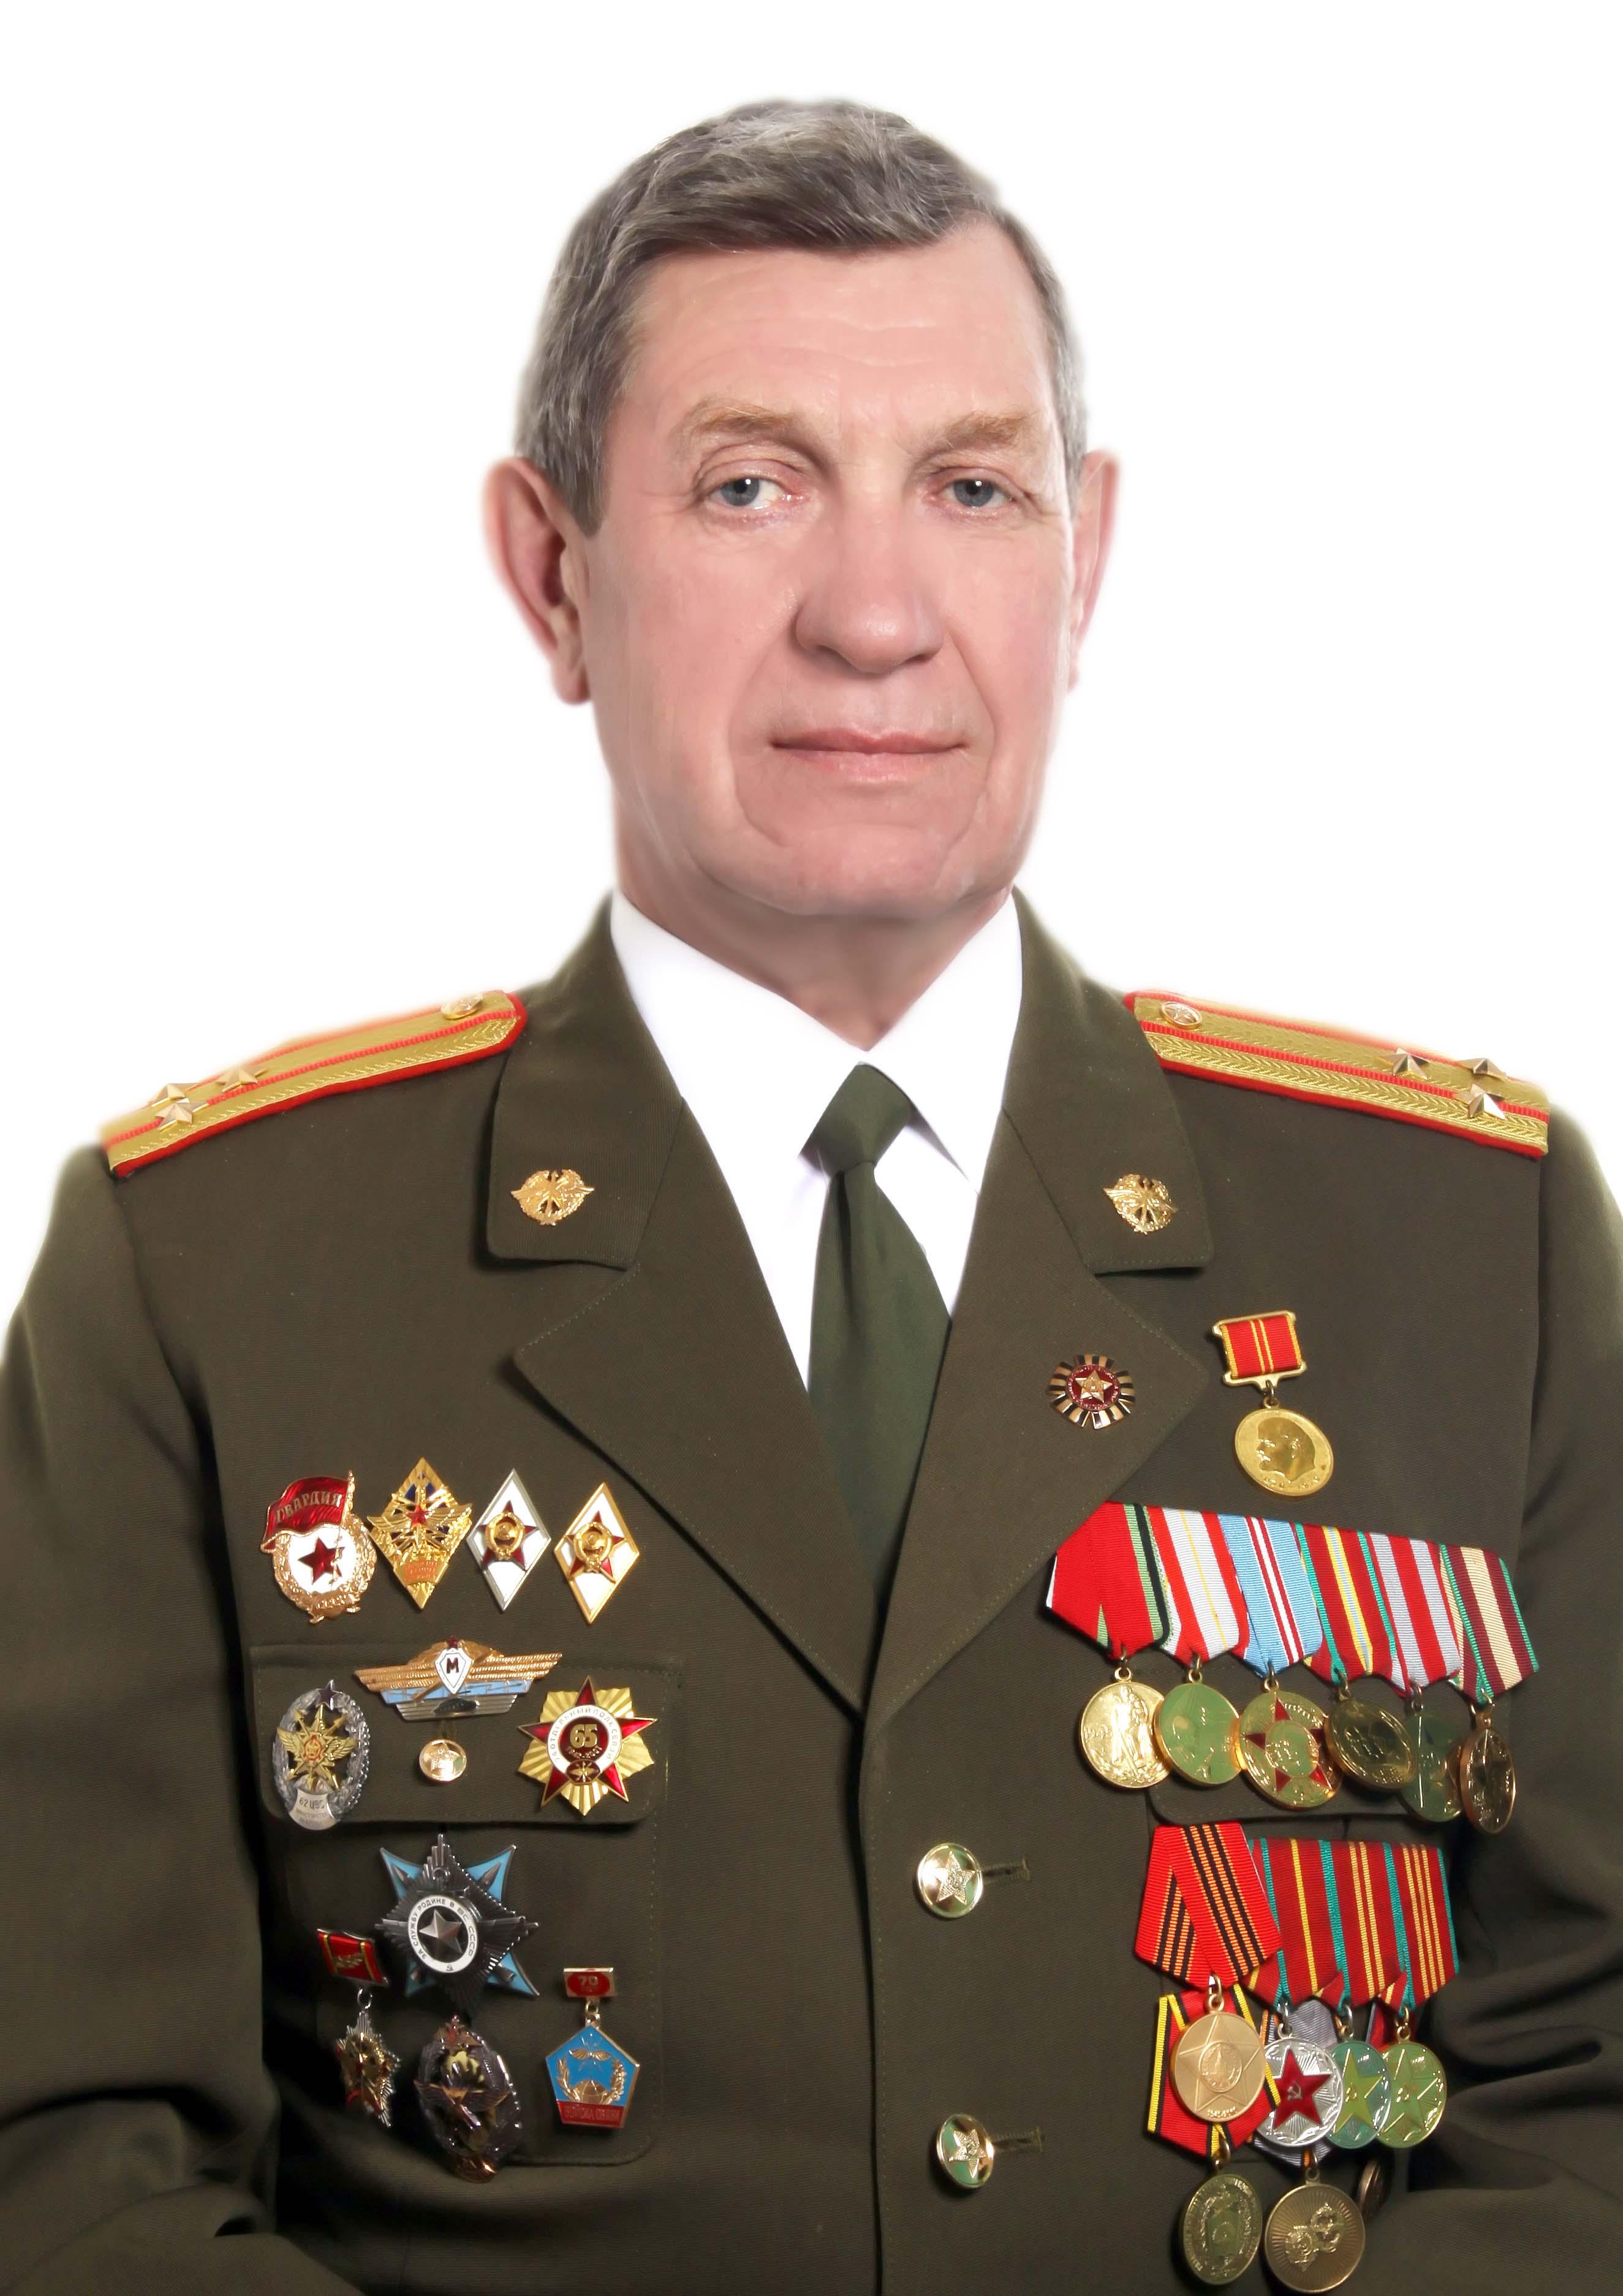 познакомиться с курсантом рязанского военного училища